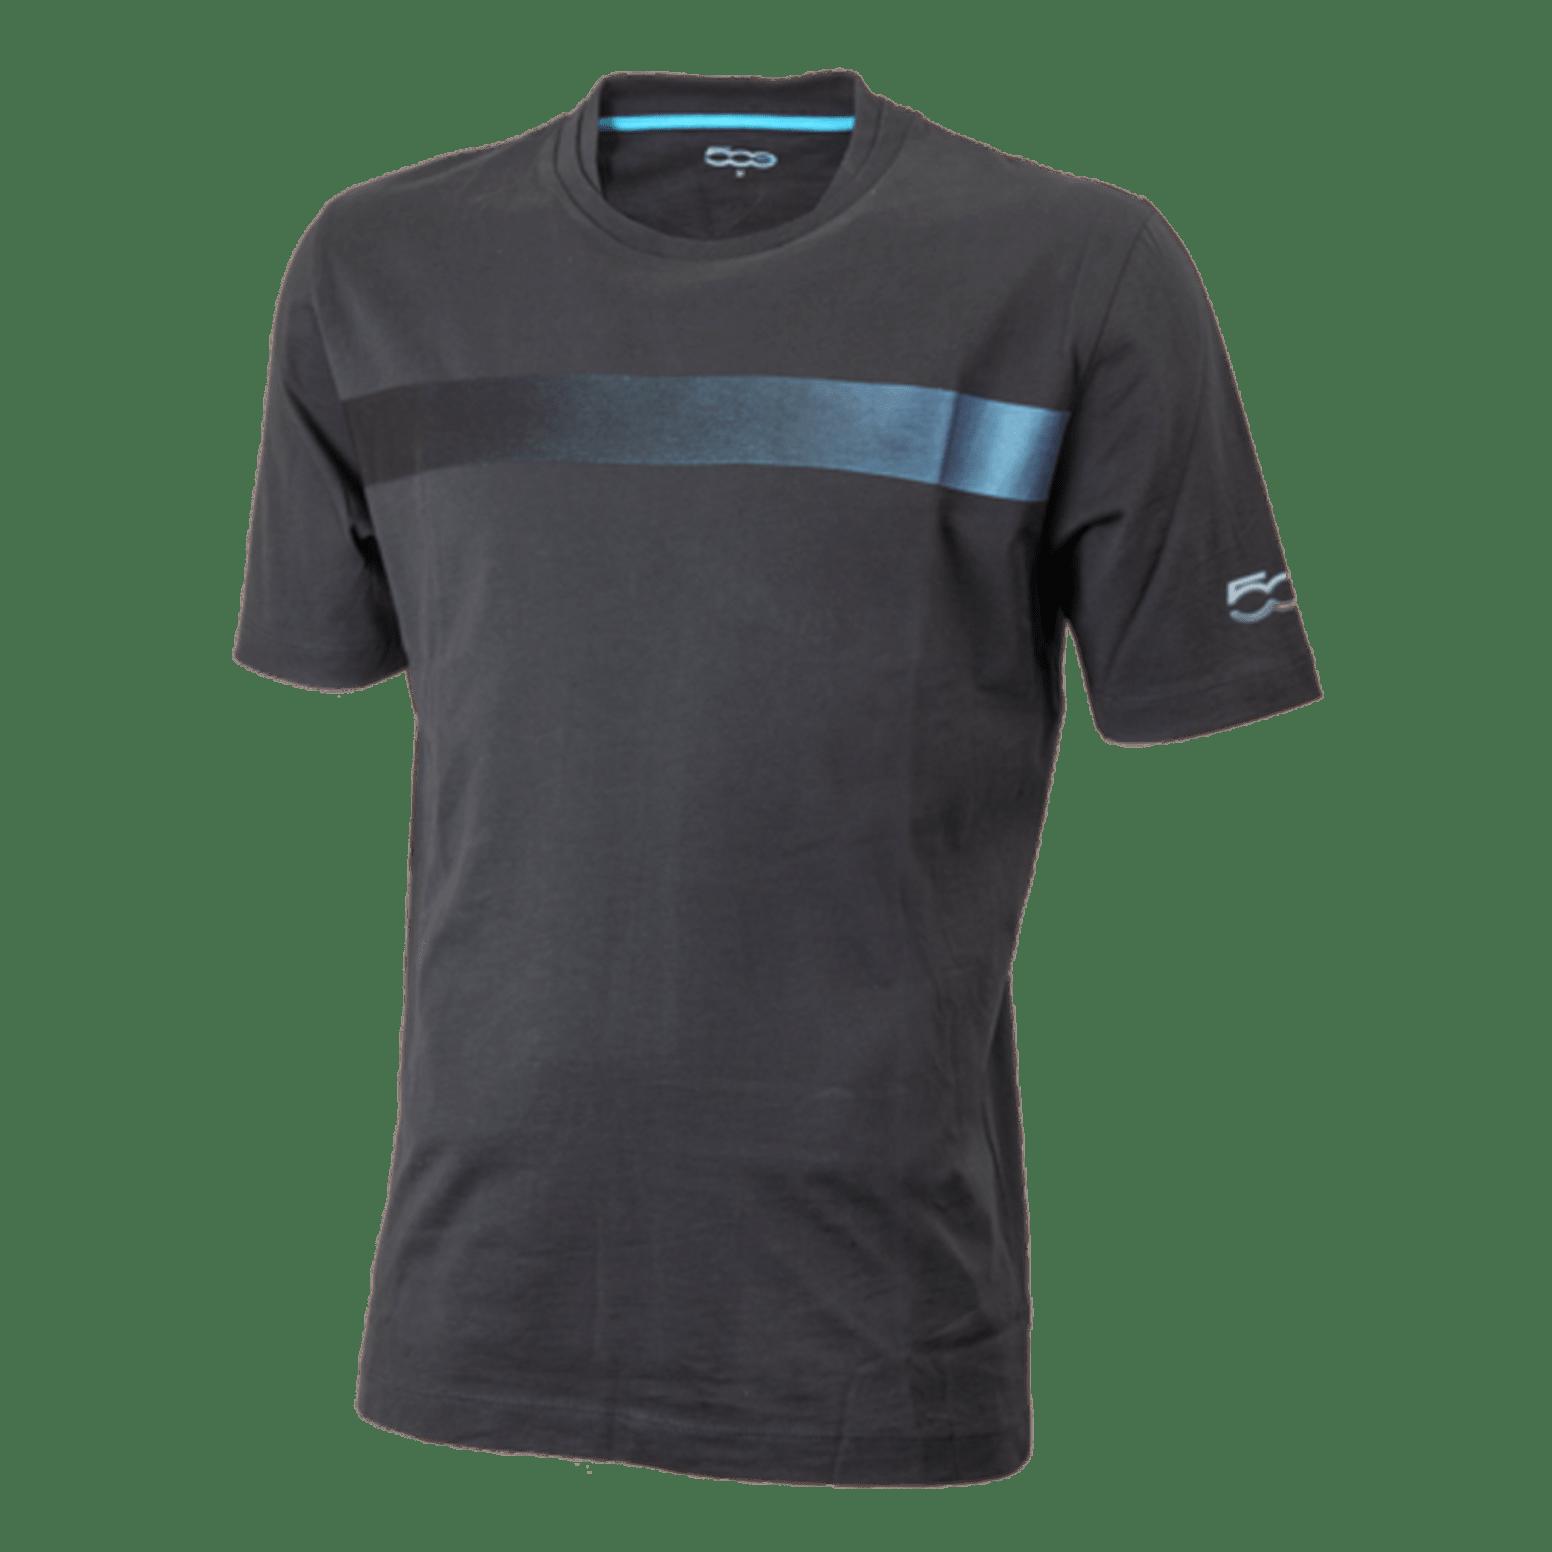 500e Tshirt Merchandise